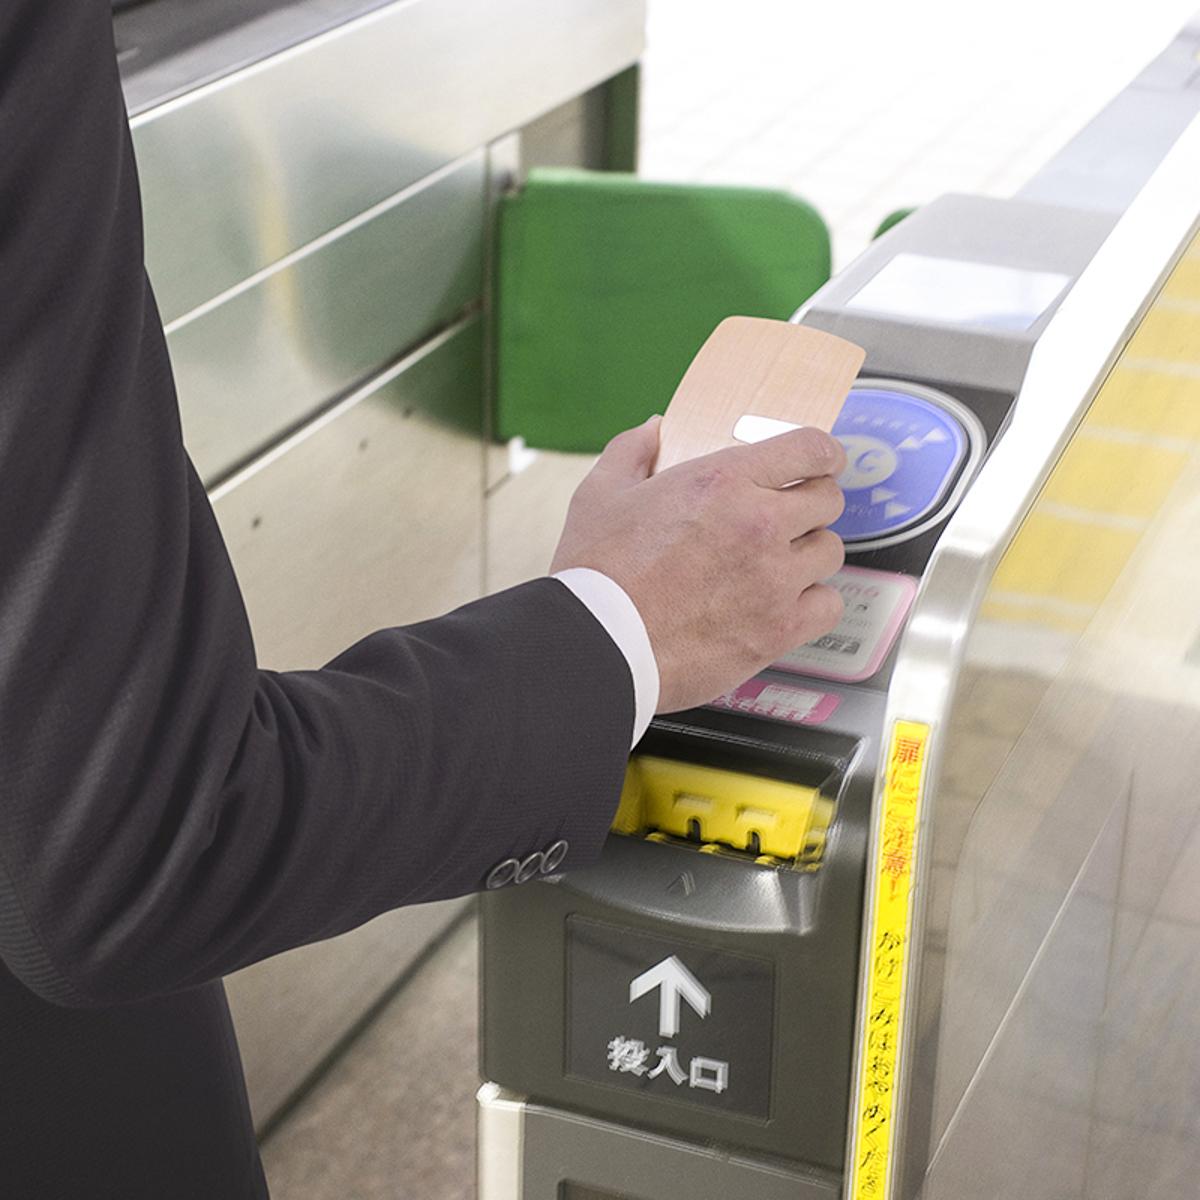 手ぶら外出ができる「木の財布」 | カード3枚を重ねて使える電子マネークリップ